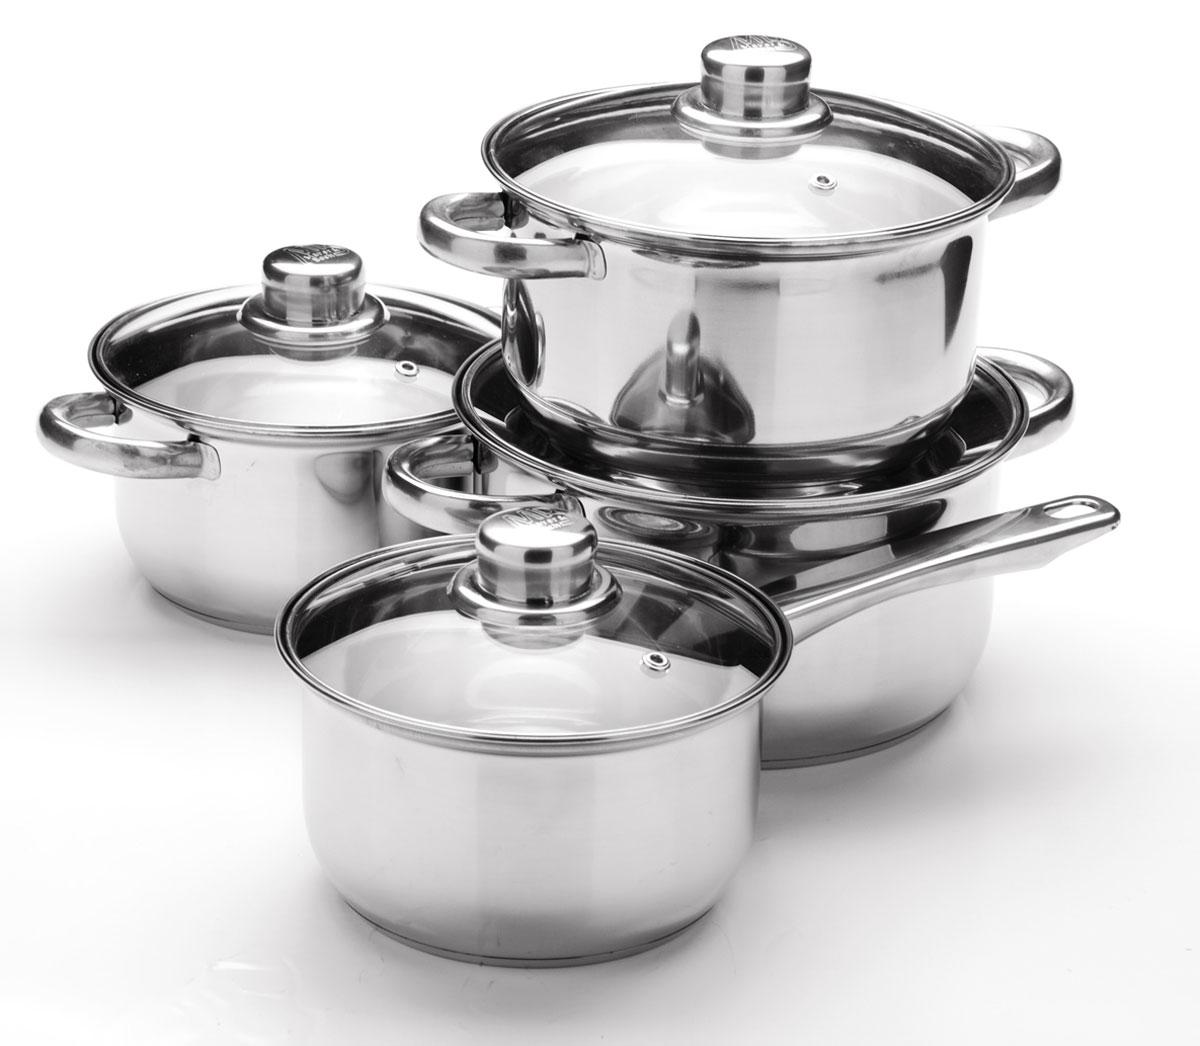 Набор посуды Mayer & Boch, 8 предметов. 25755391602Набор посуды станет отличным дополнением к набору кухонной утвари. С его приобретением приготовление ваших любимых блюд перейдет на качественно новый уровень и вы сможете воплотить в жизнь любые кулинарные идеи. В комплект входят 6 предметов: ковш (объем 1,4 л), 3 кастрюли (объем 1,4/ 2/ 2,9), 4 крышки. Набор многофункционален и удобен в использовании, подойдет для варки супов, приготовления блюд из мяса и рыбы, гарниров, соусов т. д.